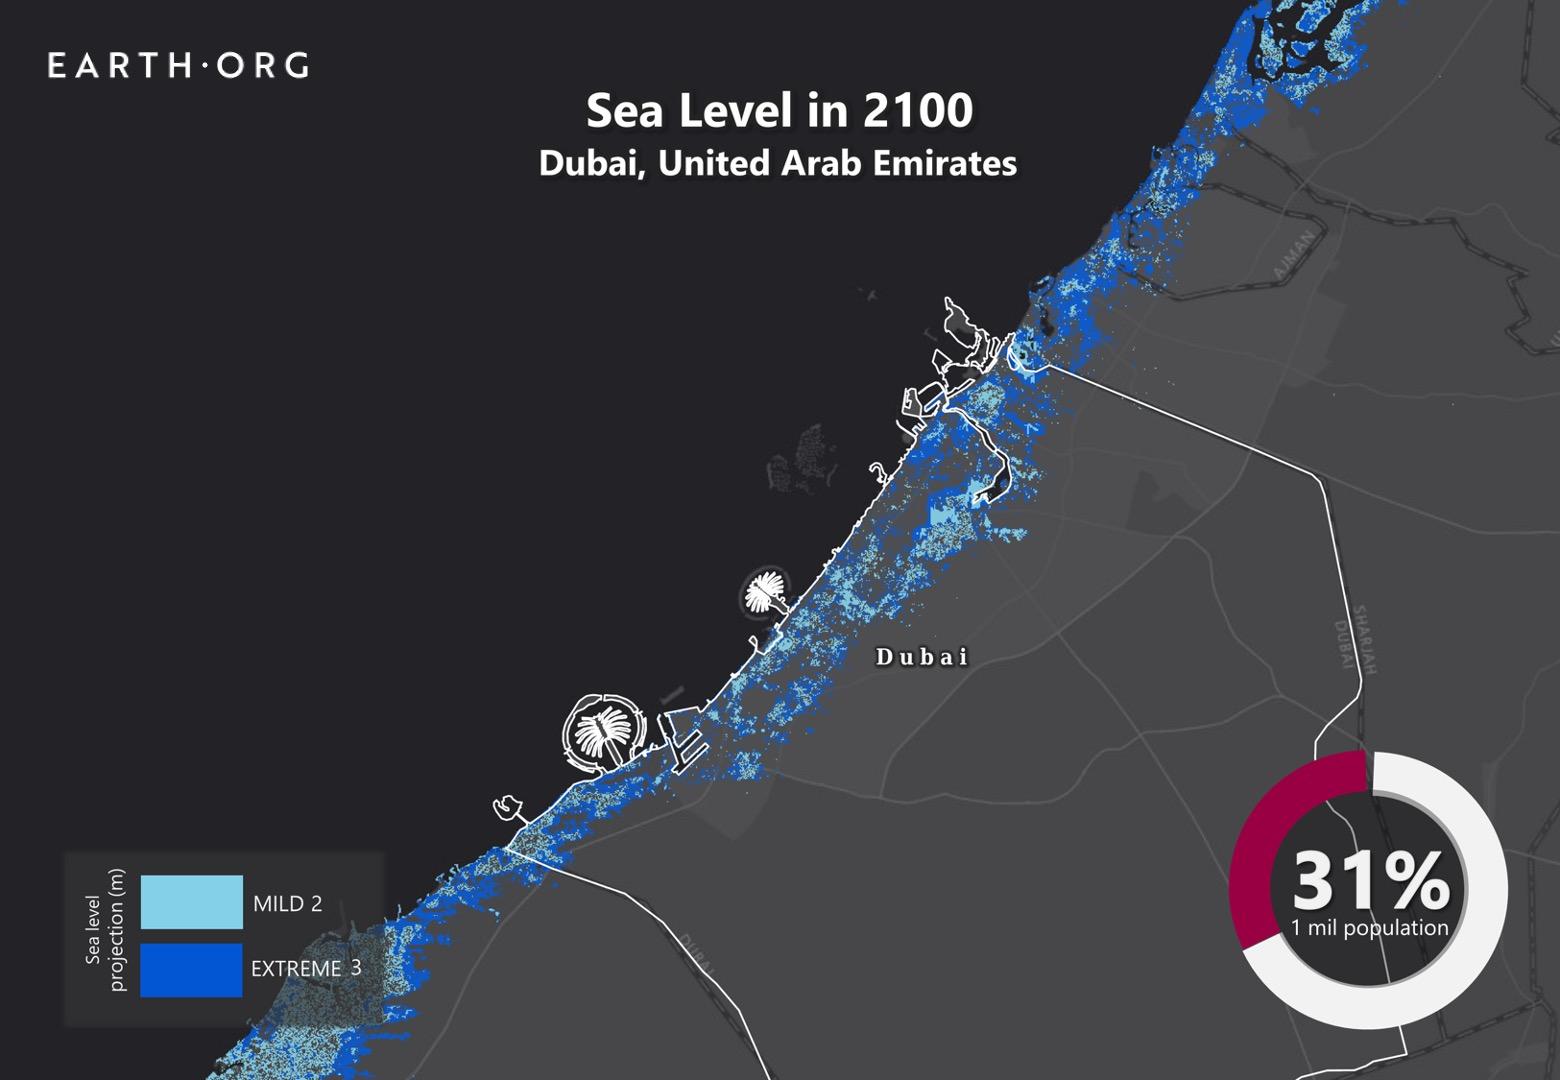 sea level rise by 2100 dubai